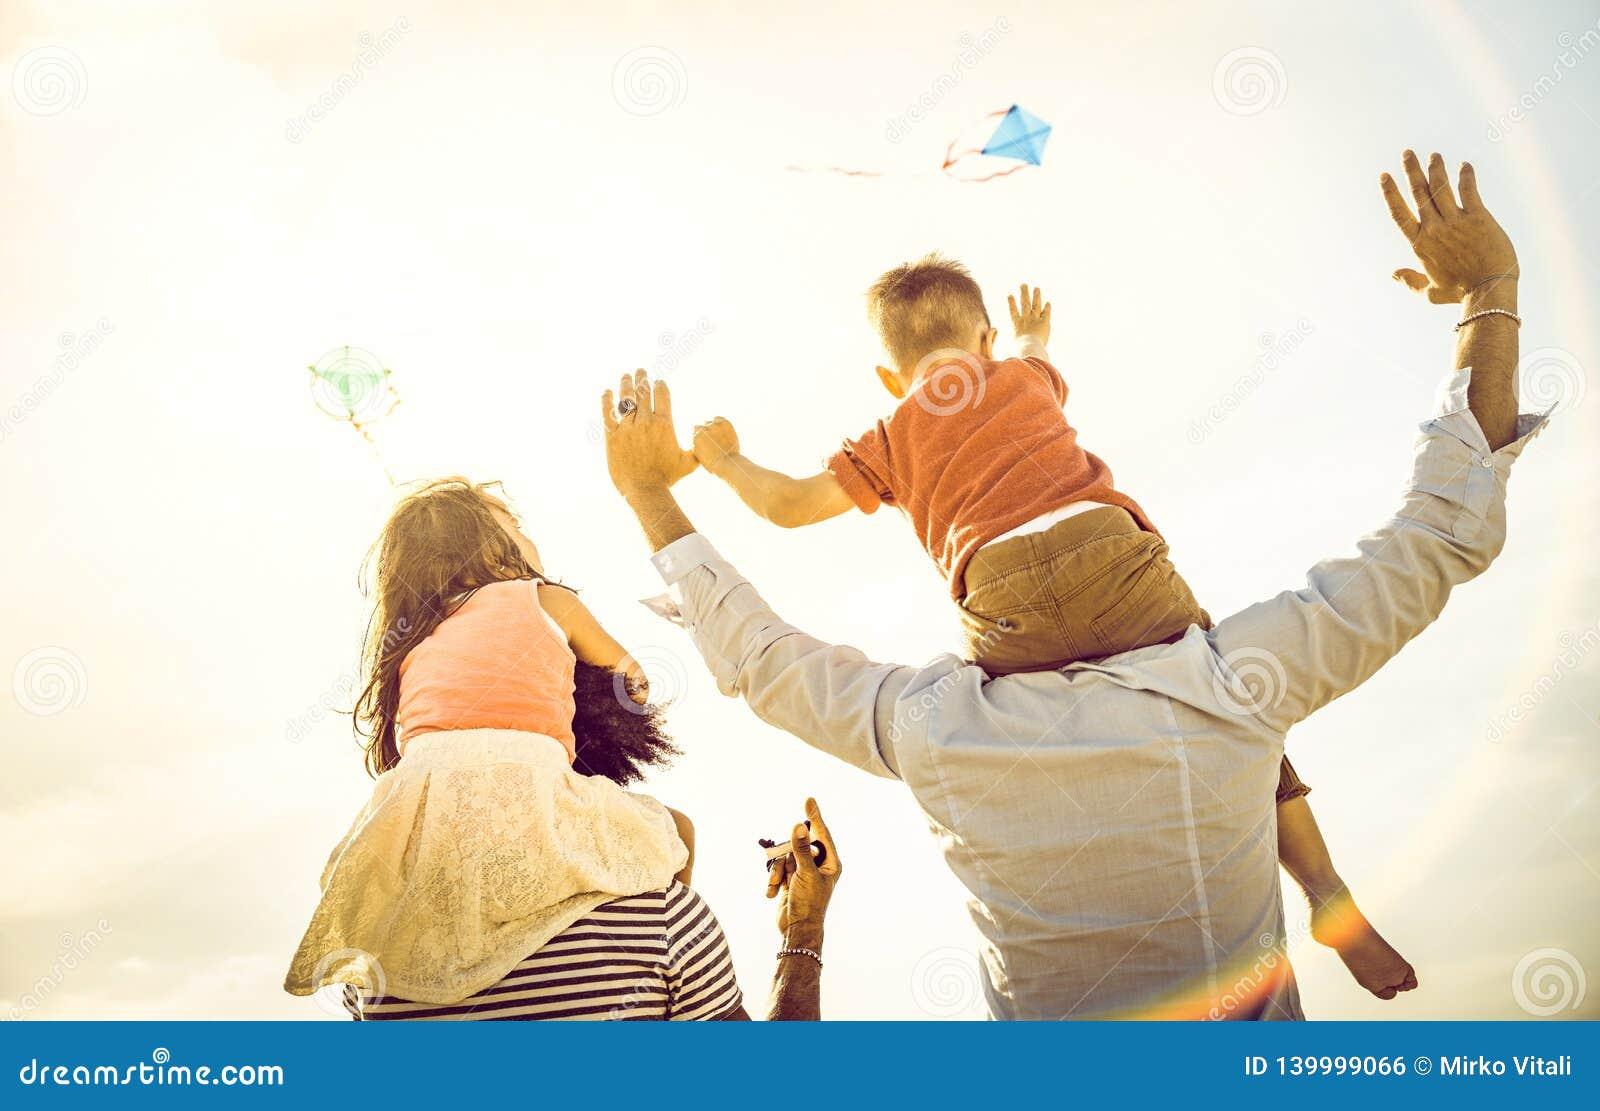 Ευτυχής πολυφυλετική οικογενειακή ομάδα με τους γονείς και τα παιδιά που παίζουν με τον ικτίνο στις διακοπές παραλιών - έννοια θε